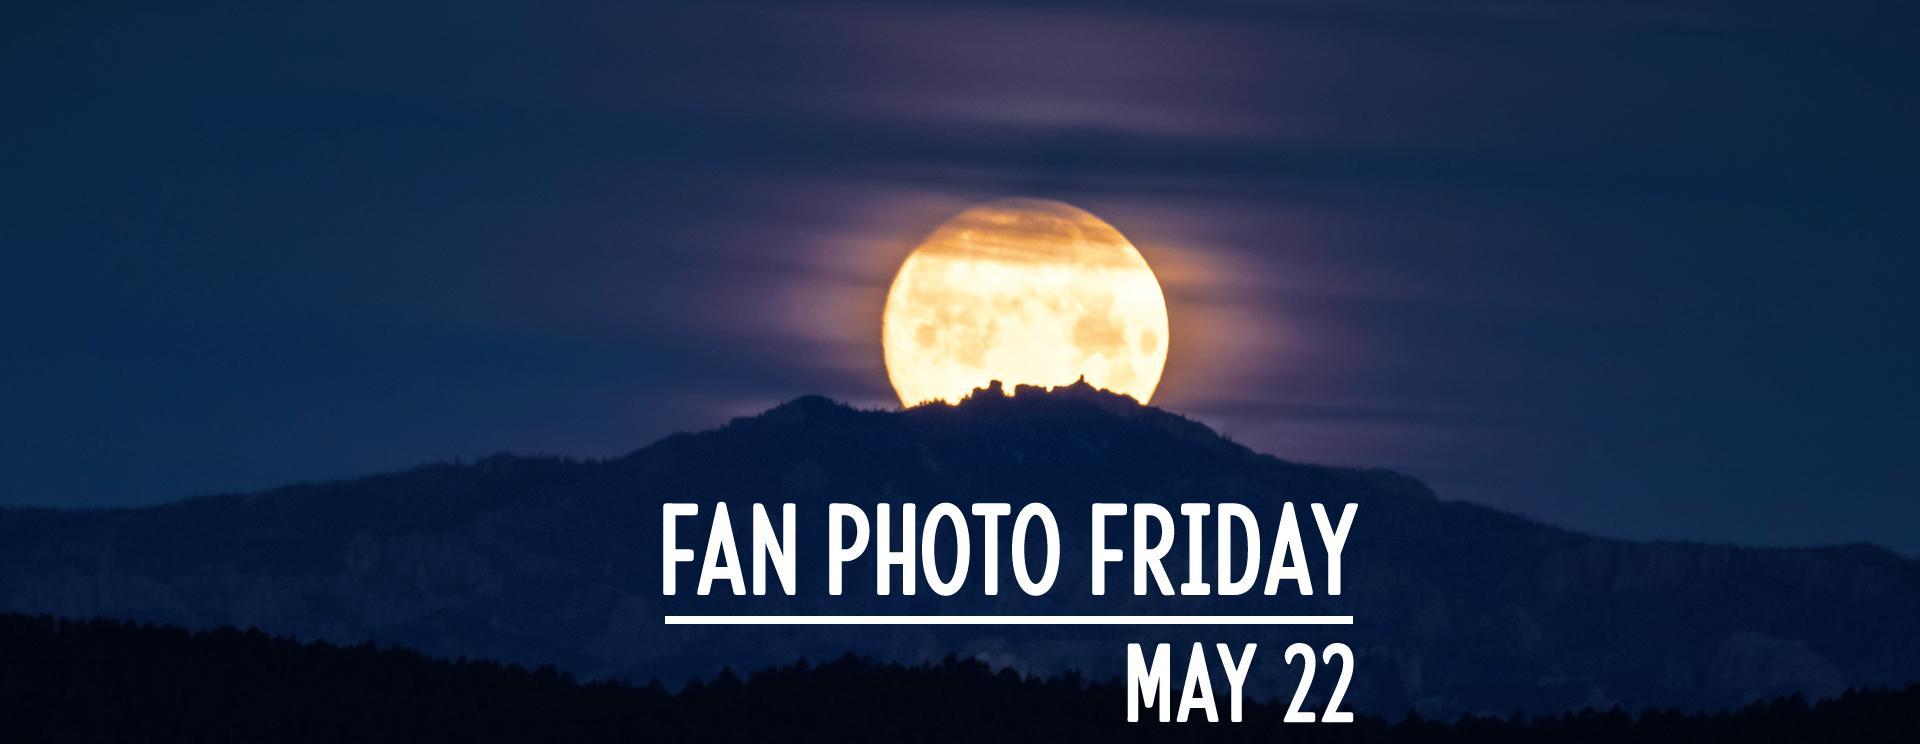 Fan Photo Friday   May 22, 2020